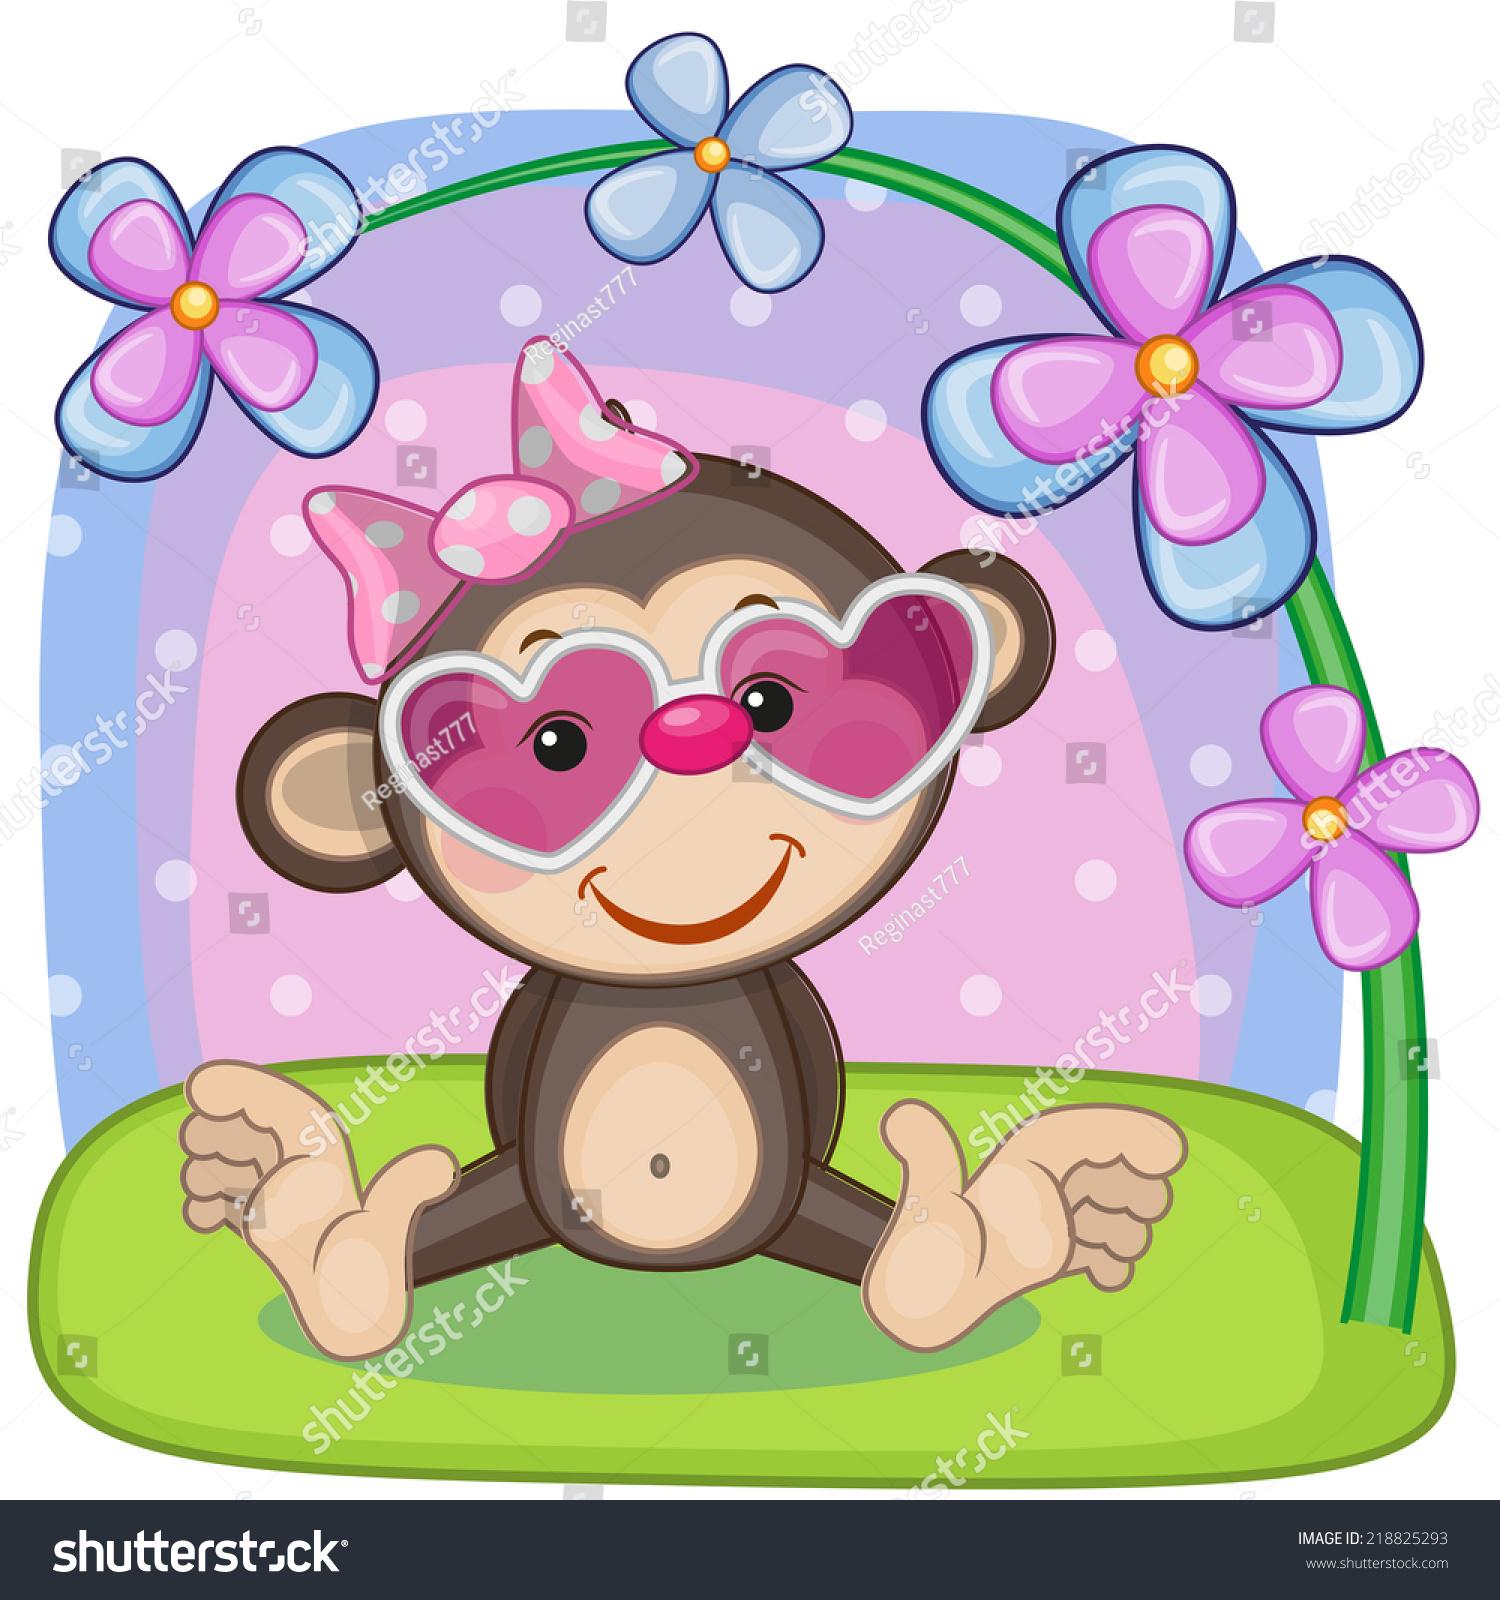 用鲜花贺卡猴子-动物/野生生物-海洛创意(hellorf)